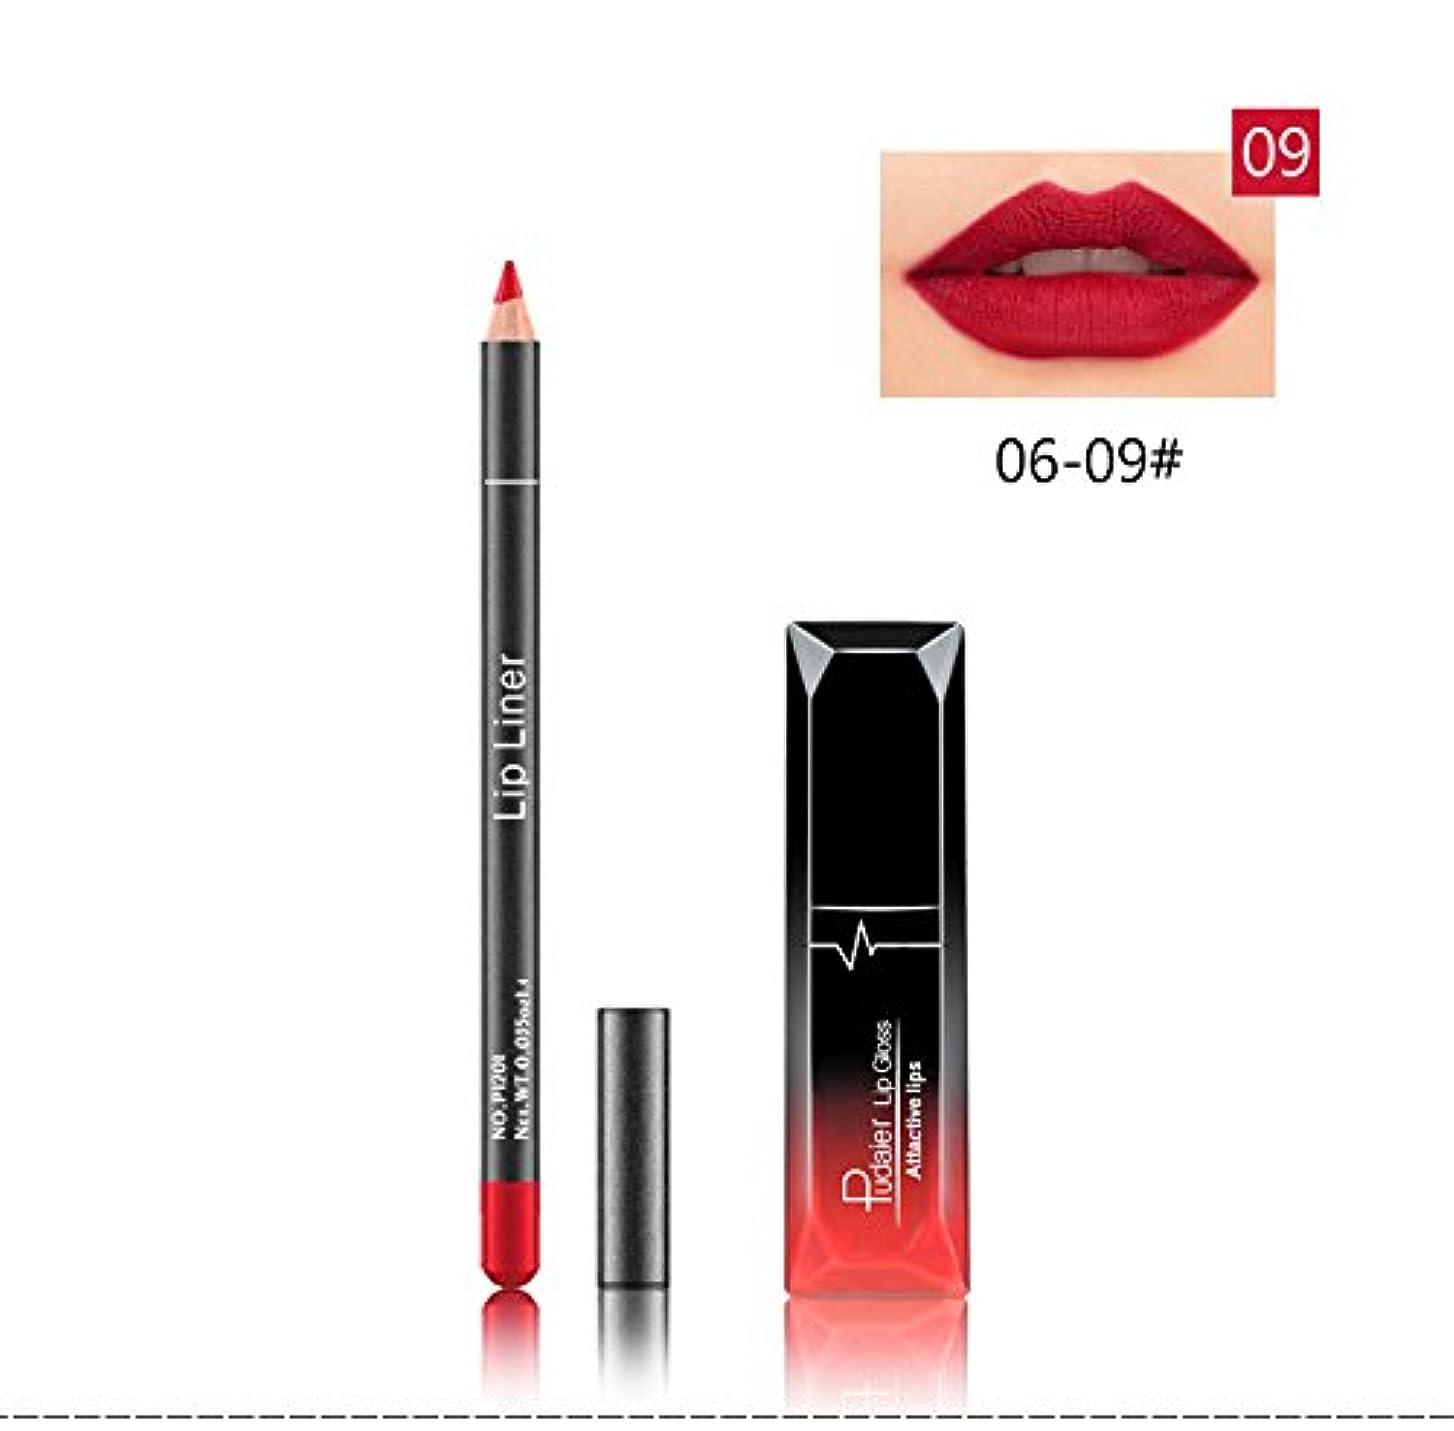 アカデミーダイエット廃棄する(09) Pudaier 1pc Matte Liquid Lipstick Cosmetic Lip Kit+ 1 Pc Nude Lip Liner Pencil MakeUp Set Waterproof Long Lasting Lipstick Gfit